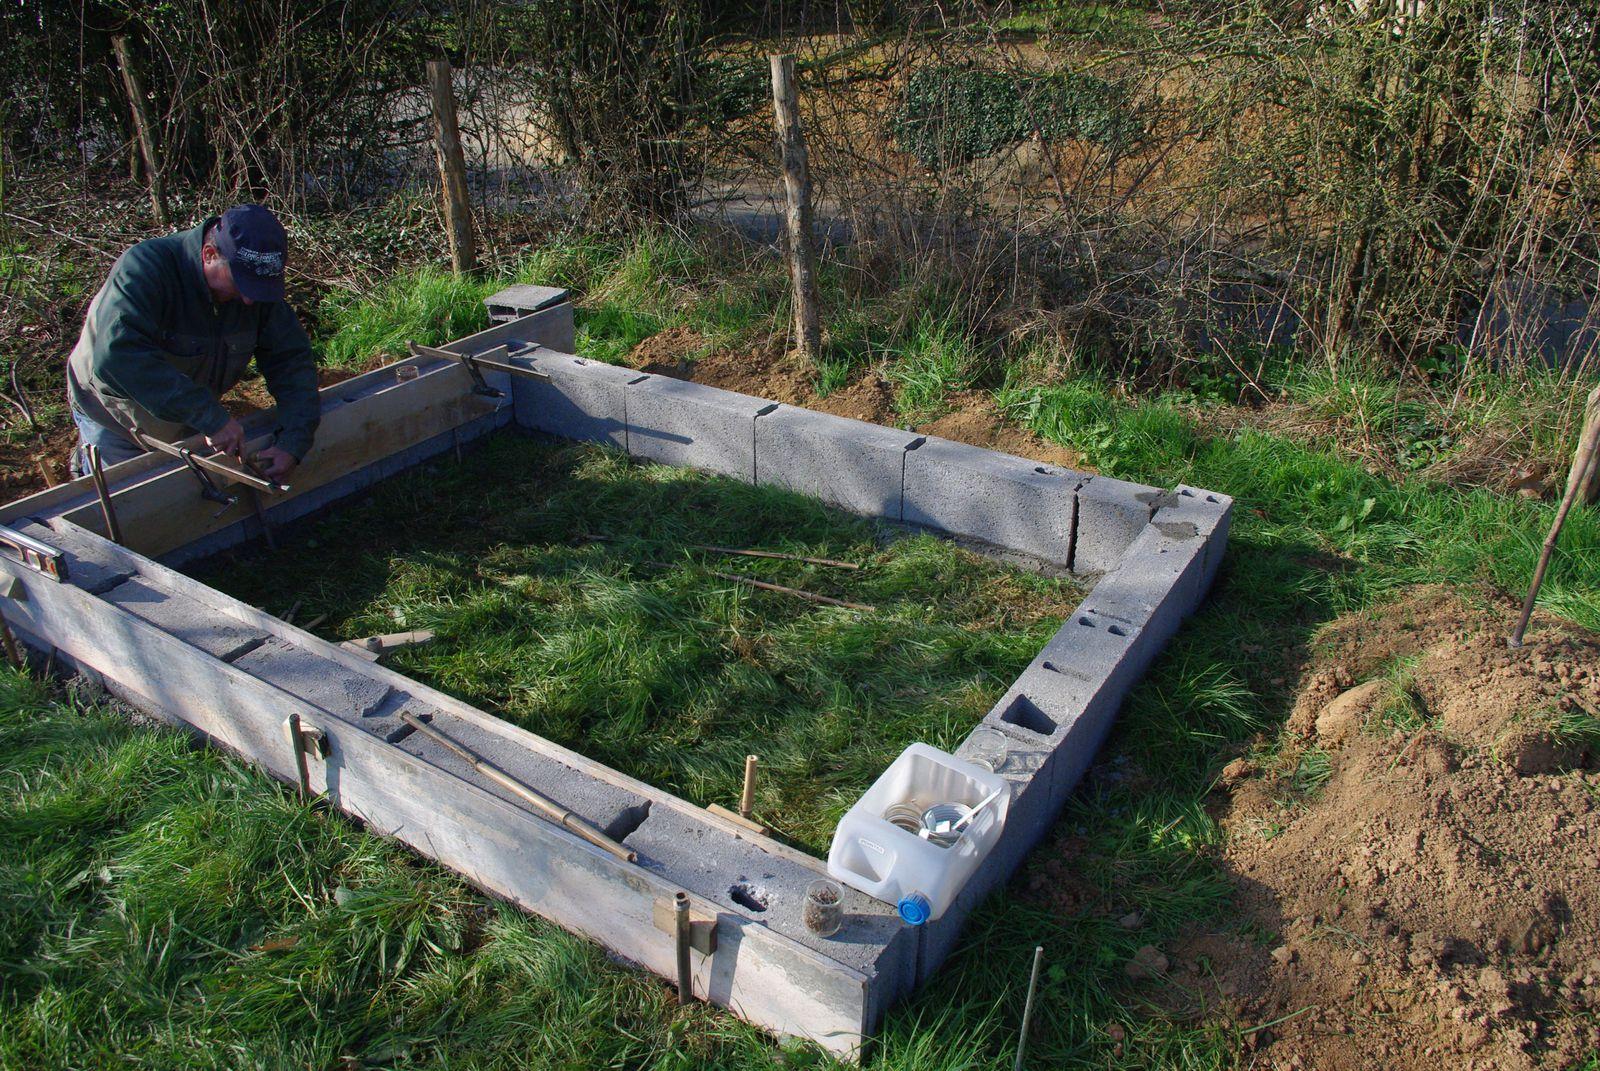 Fabriquer Un Abri Pour Velo l'abri à vélos - etape 1 : terrassement et fondations - la